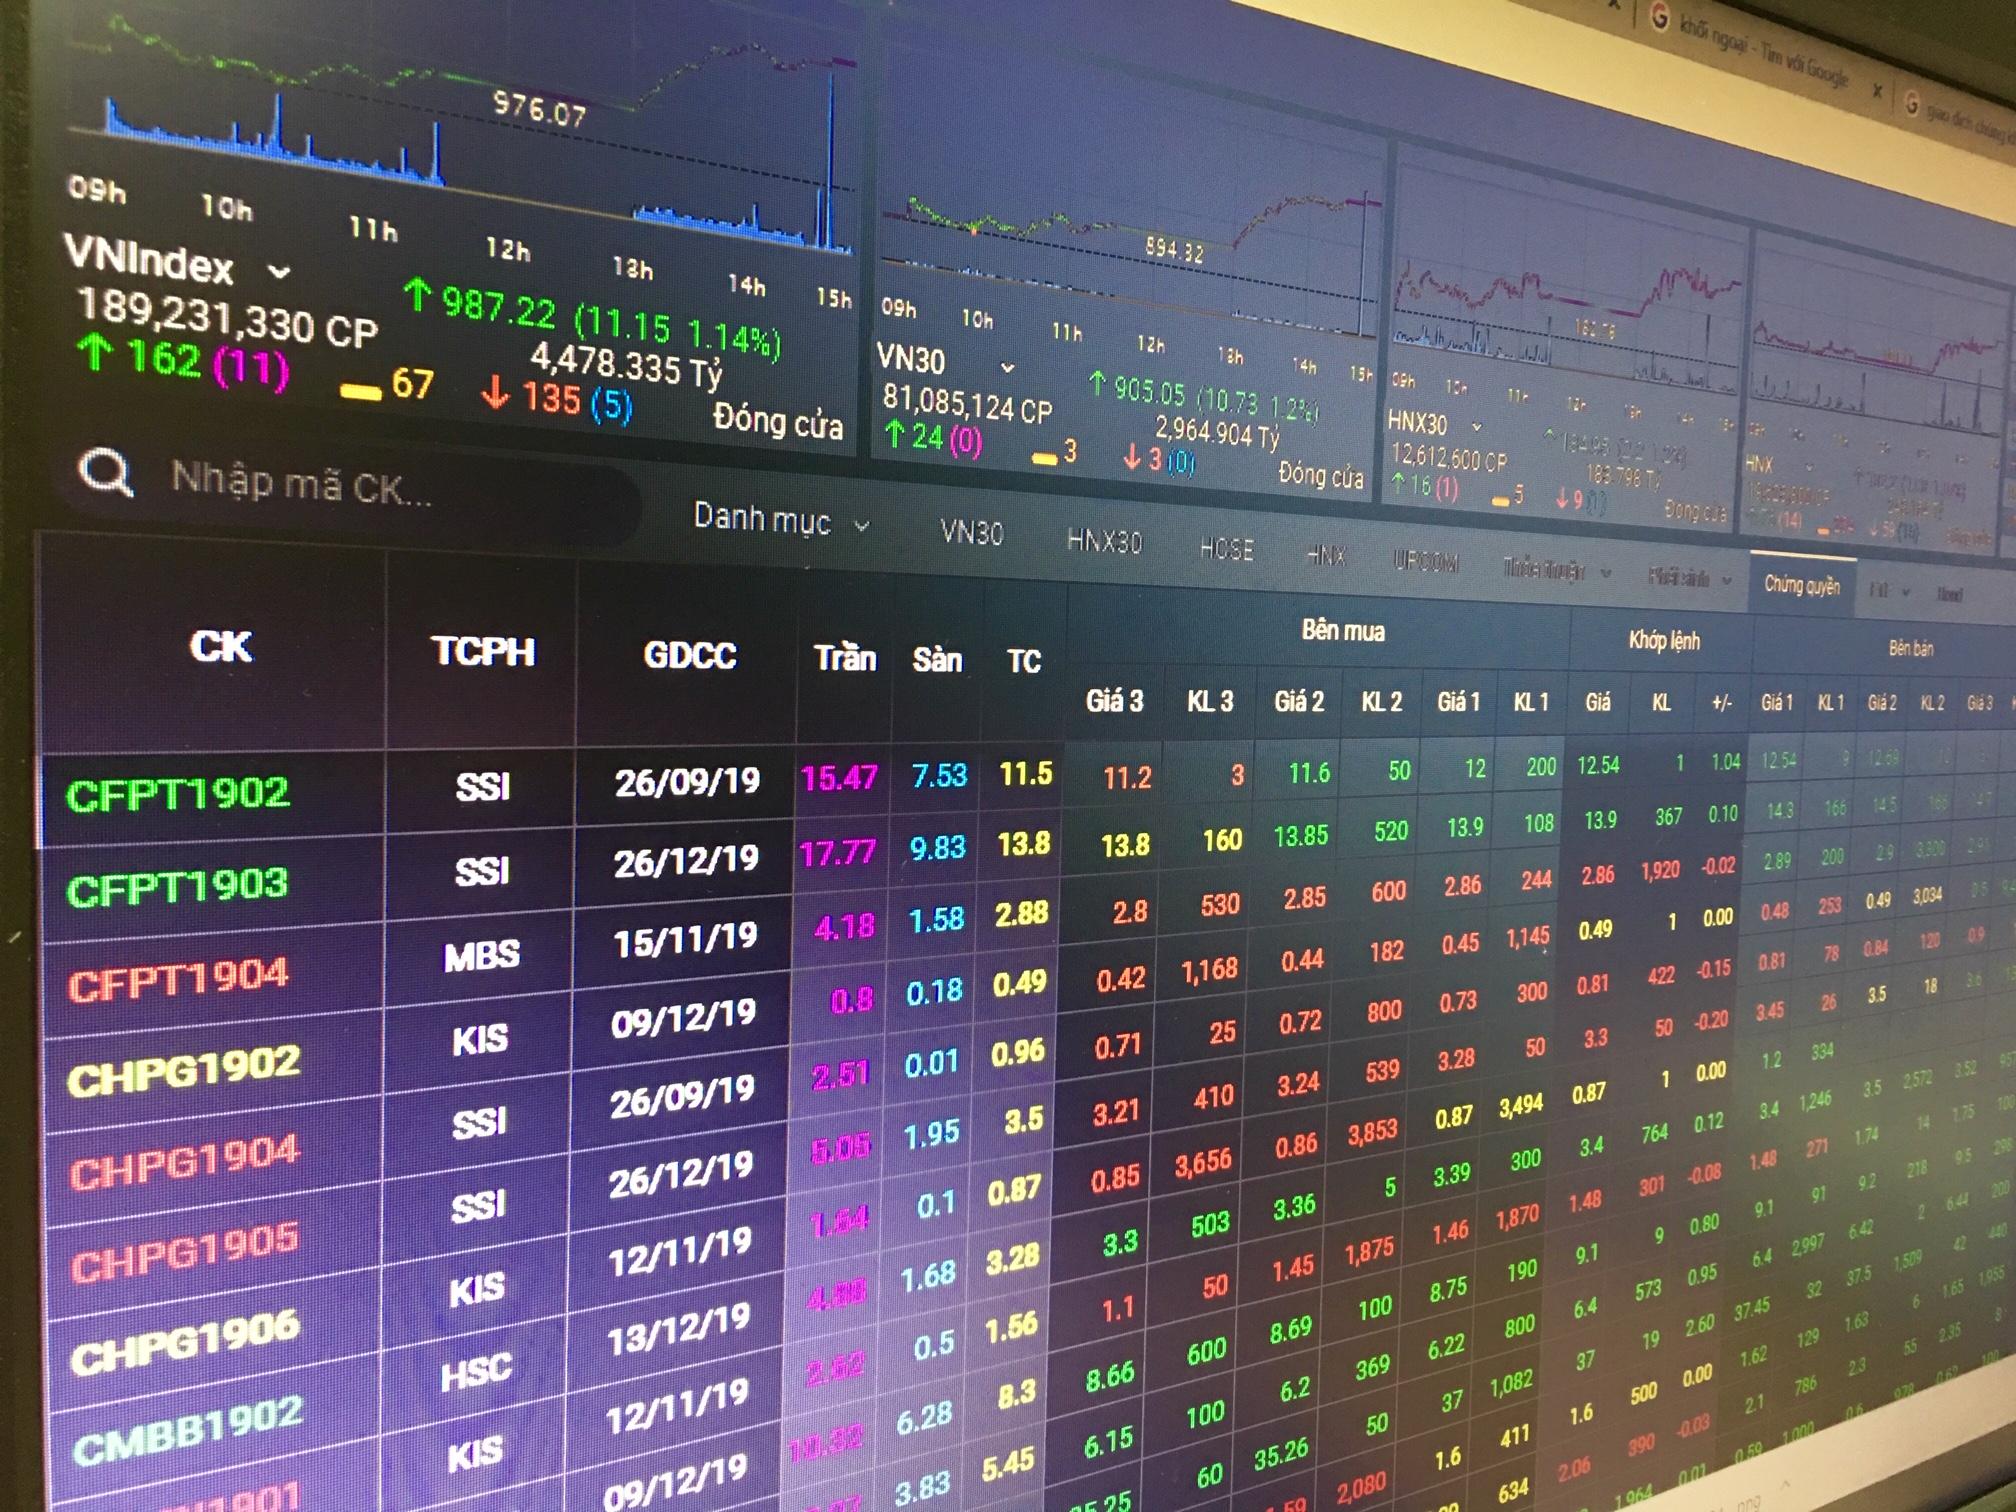 CW dựa theo cổ phiếu MWG đồng loạt bứt phá